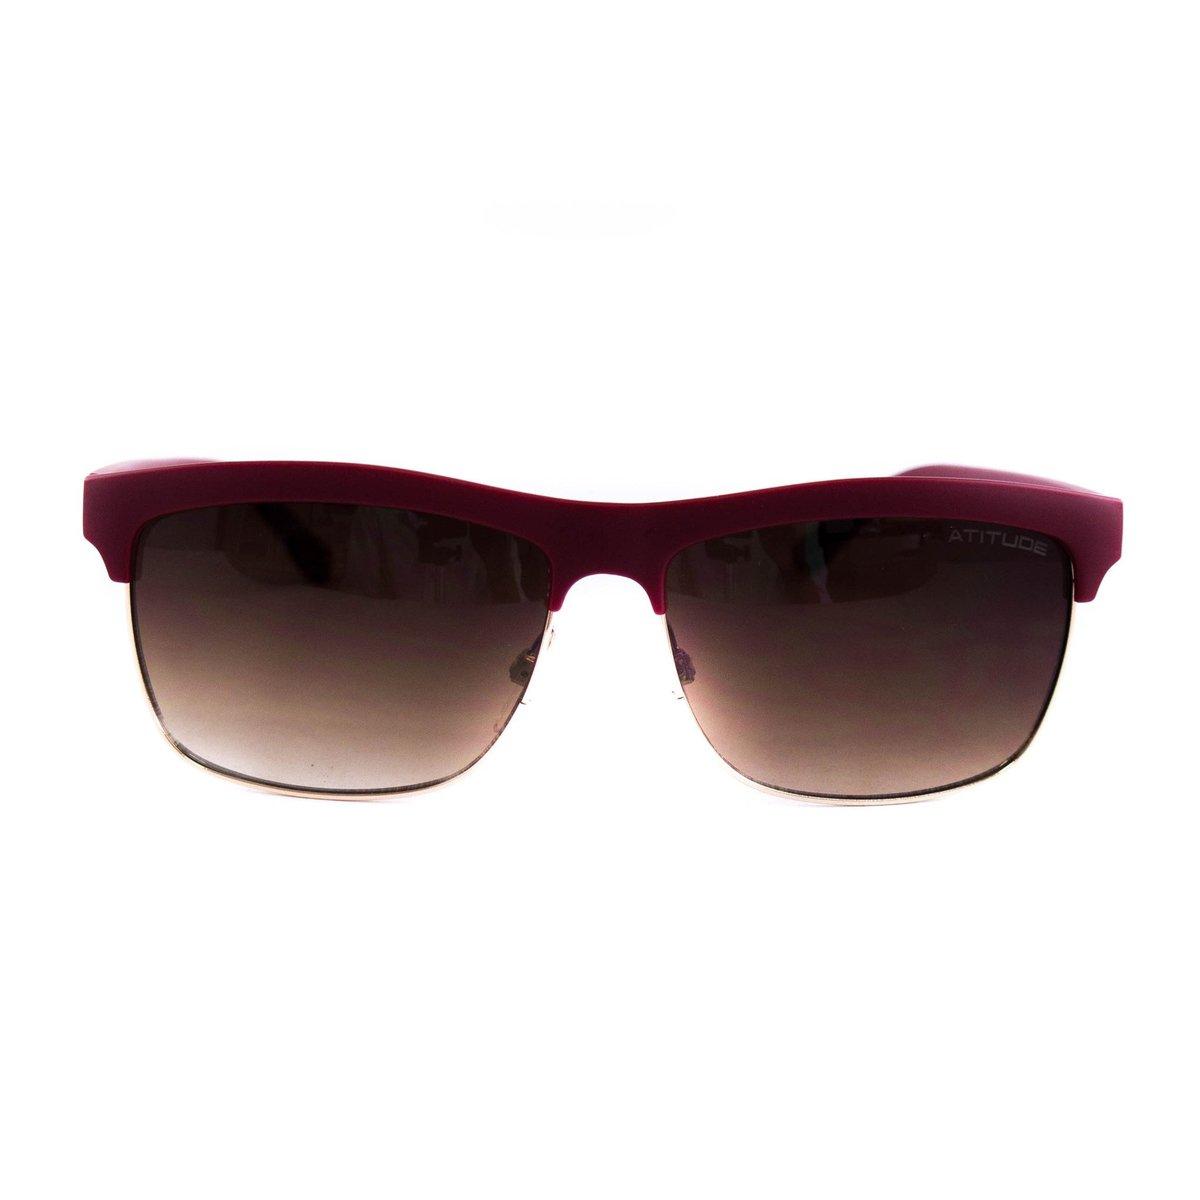 da2afefe41705 Óculos Atitude De Sol  Óculos Atitude De Sol ...